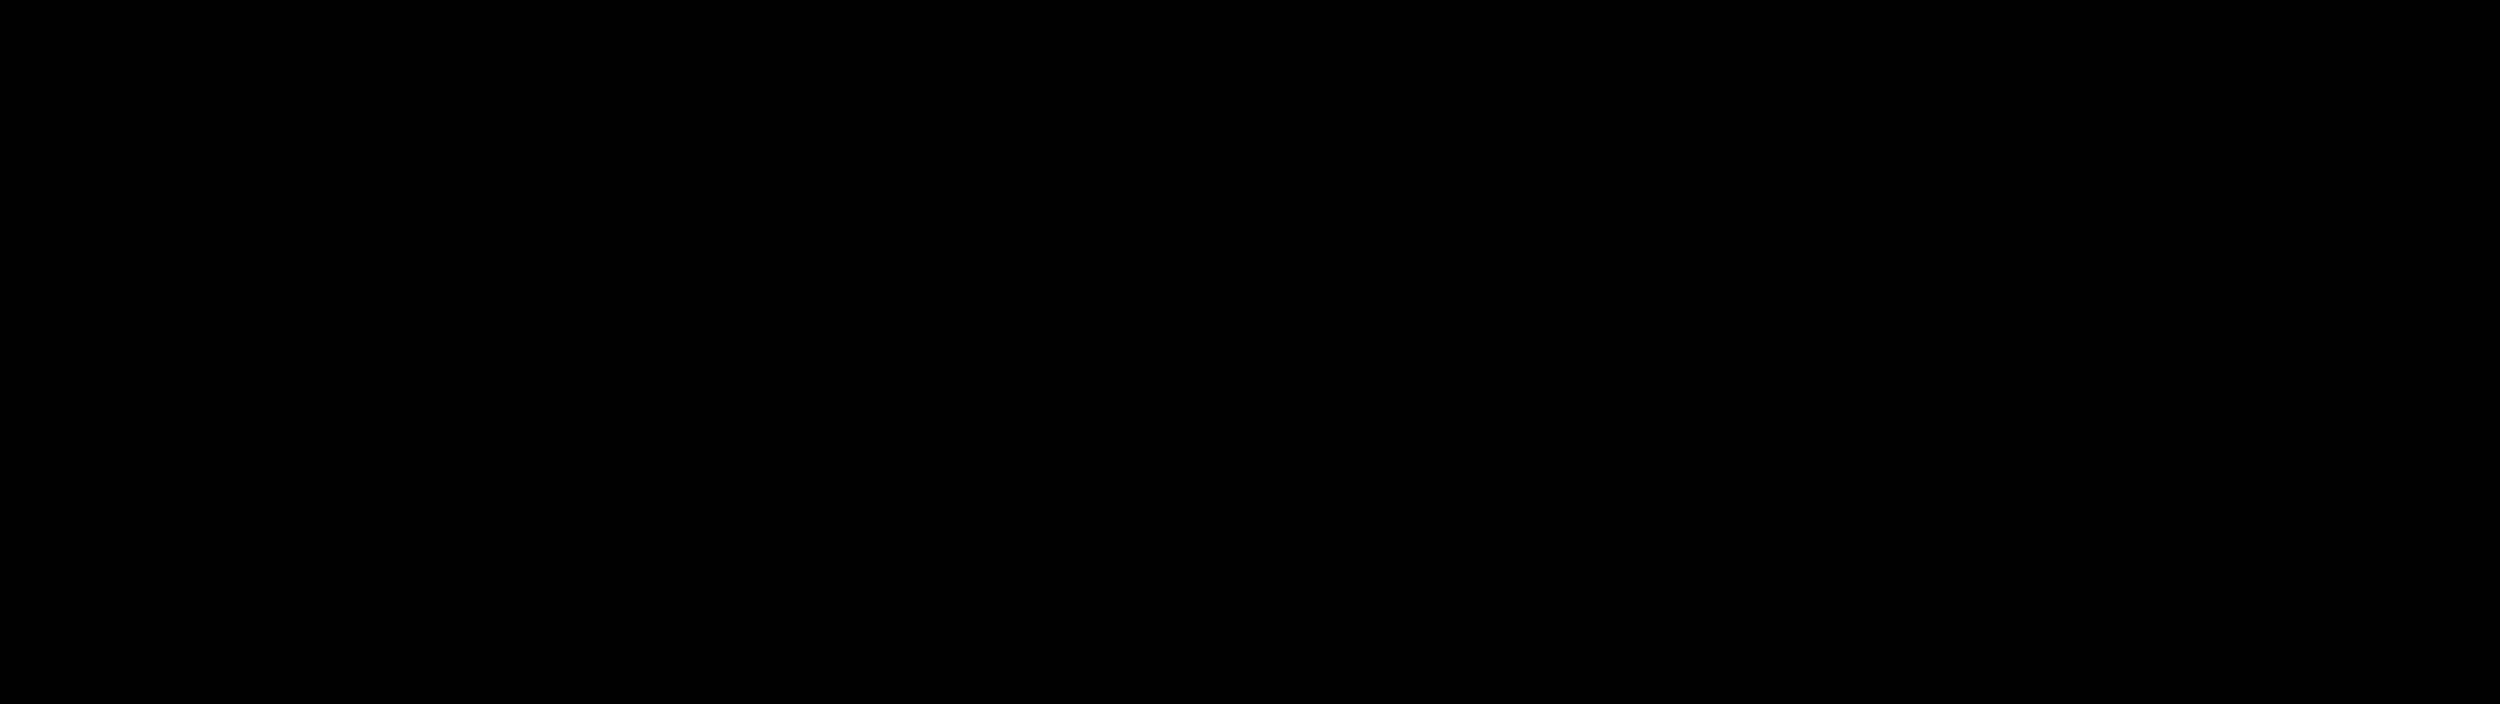 blokdok logo.png